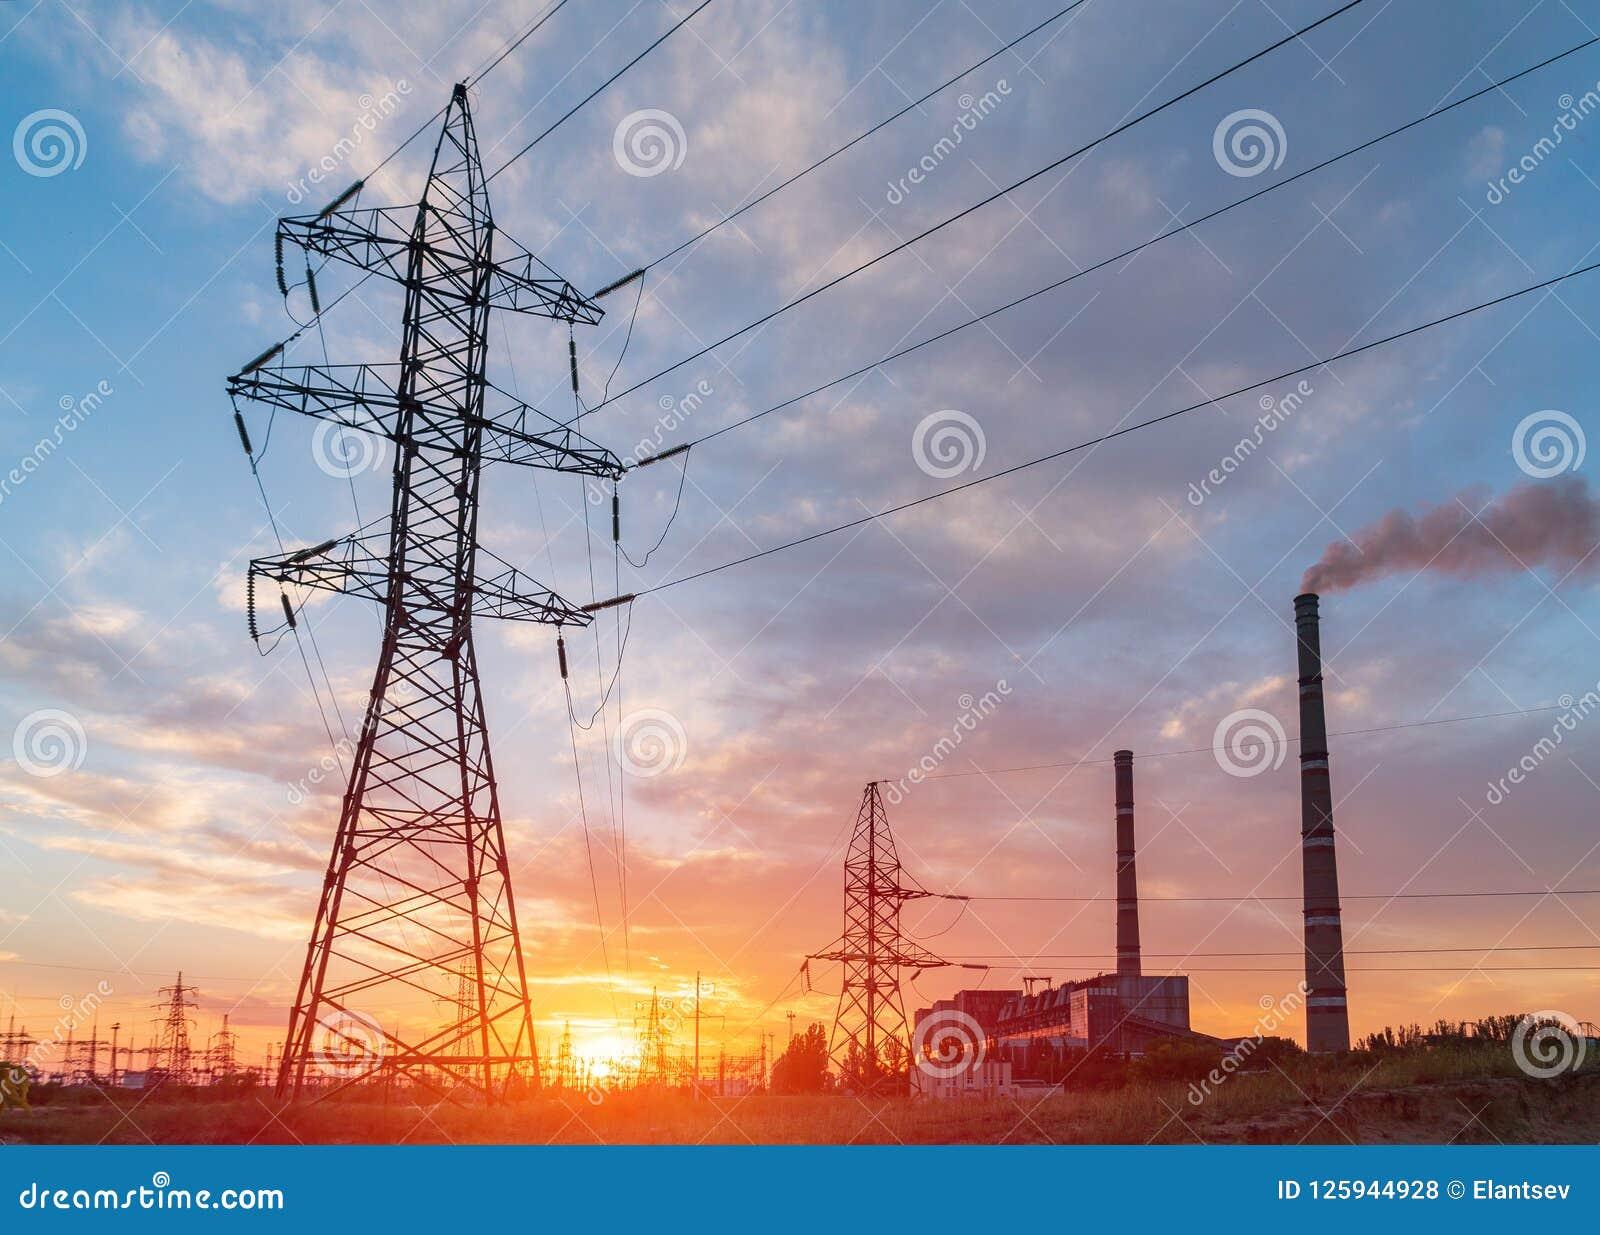 Elektrisk avdelningskontor för fördelning med kraftledningar och transformatorer, på solnedgången